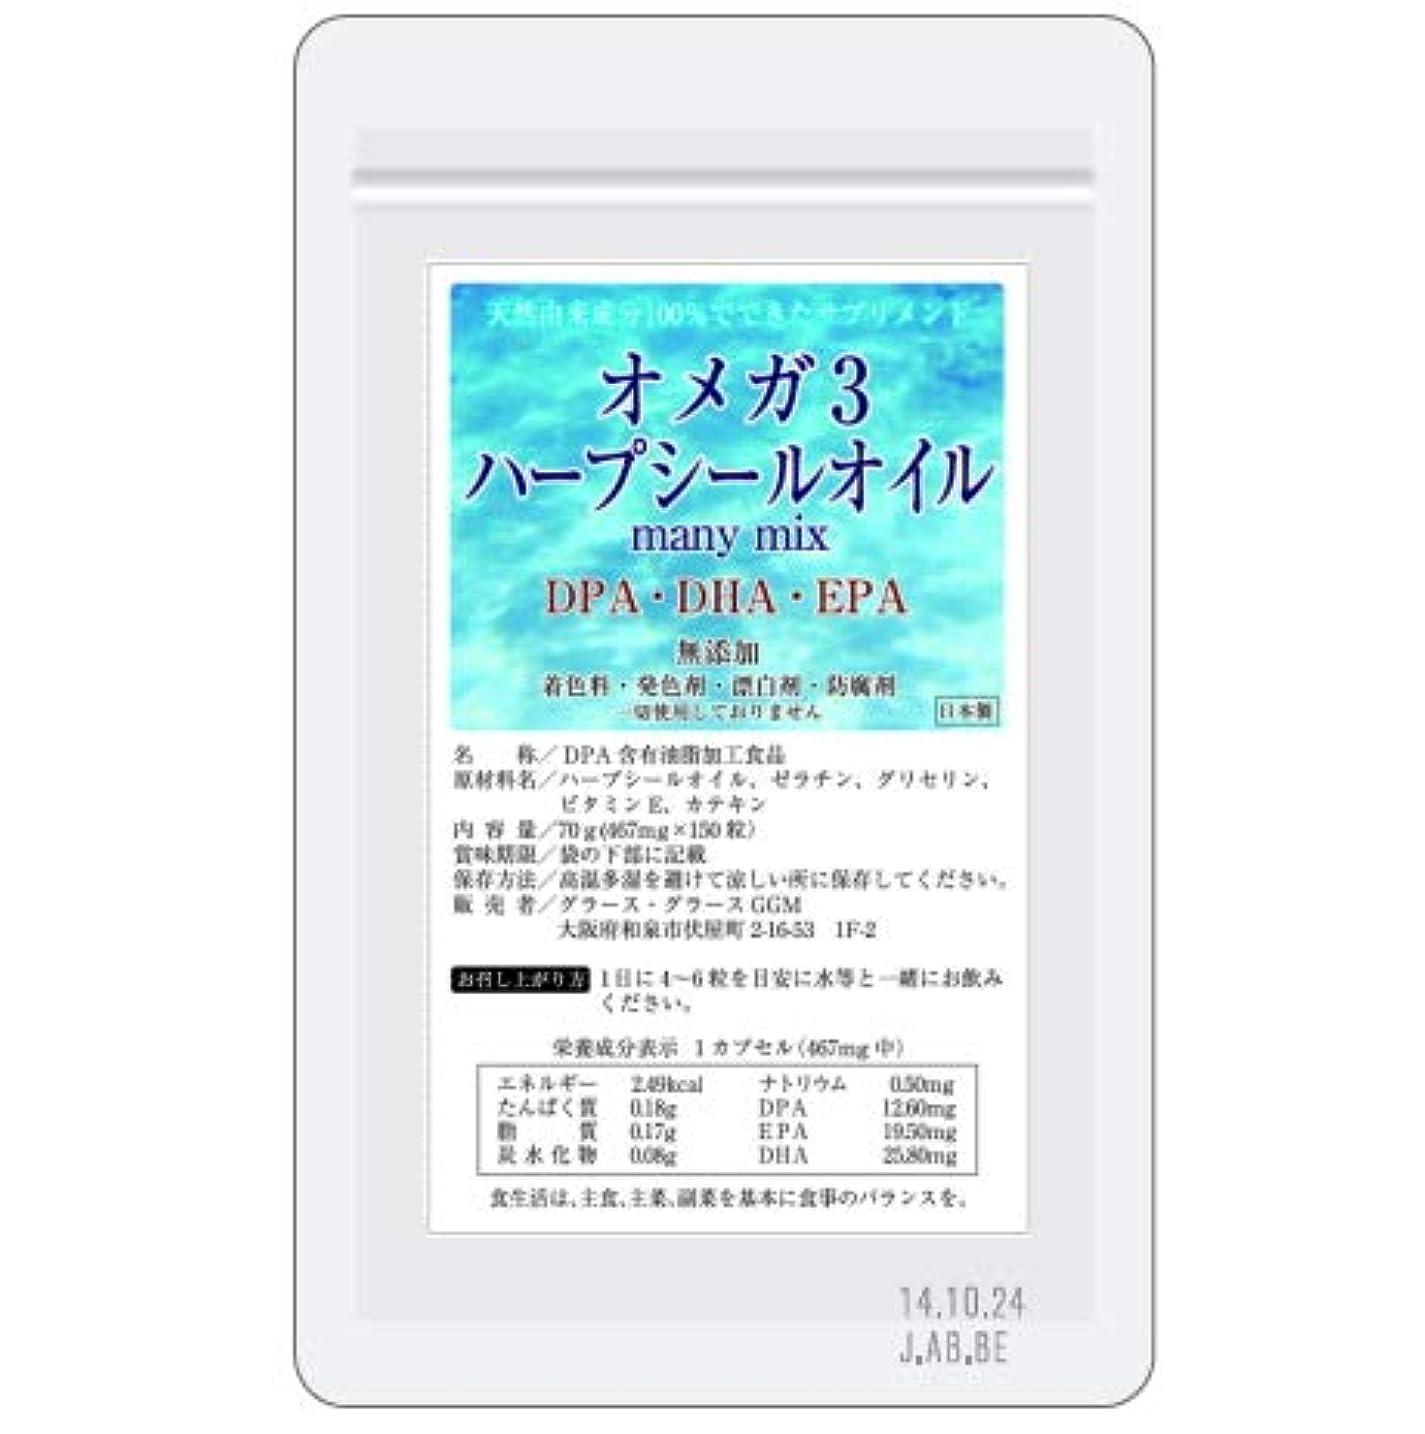 光沢ジャンピングジャック信頼性のあるオメガ3 ハープシールオイル(アザラシオイル) many mix 150粒